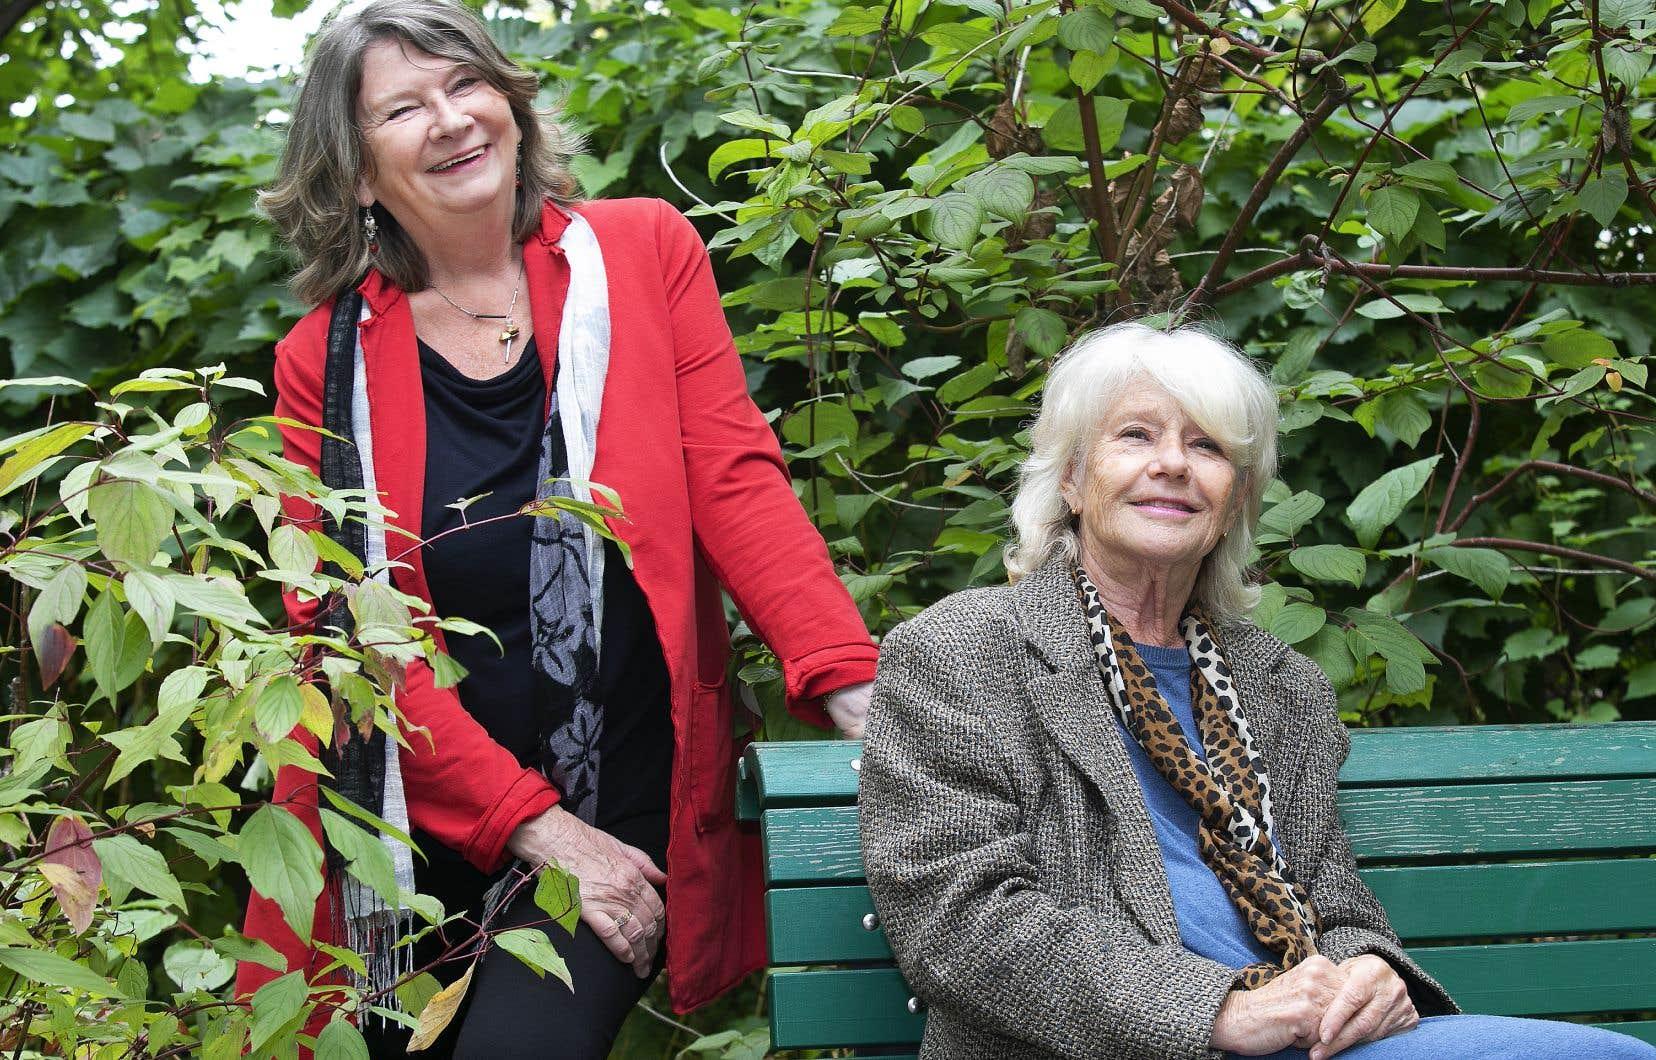 «Elle a trouvé sa place, résume l'autrice Carmel Dumas (à gauche) à propos de Mouffe. Elle, son art, c'est créer de l'harmonie, faire en sorte que les gens se sentent bien et que le spectacle ait lieu.»